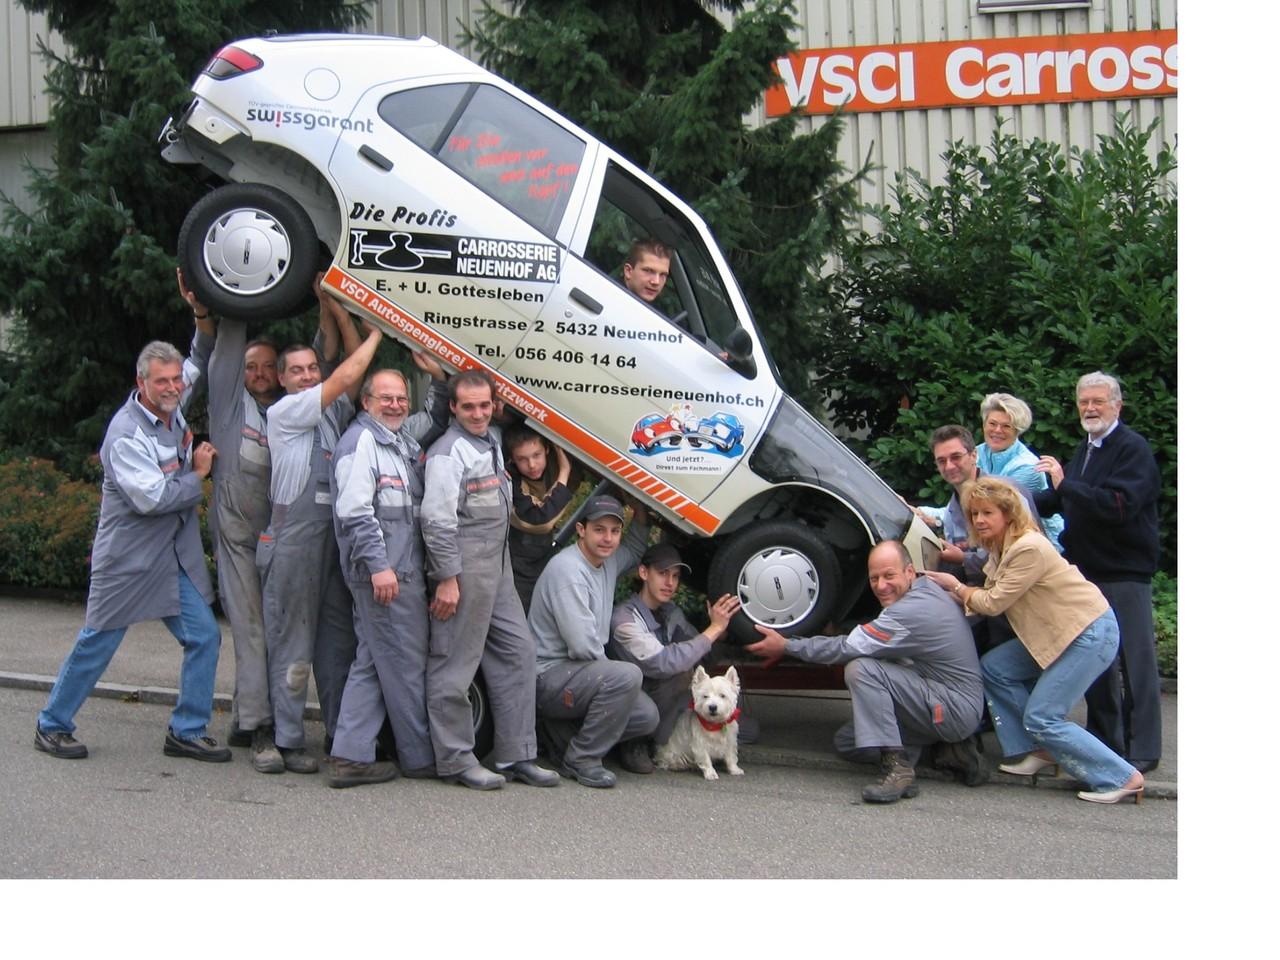 2006 - Ihr Fahrzeug wird schweben . . . wir jedoch bleiben auf dem Boden